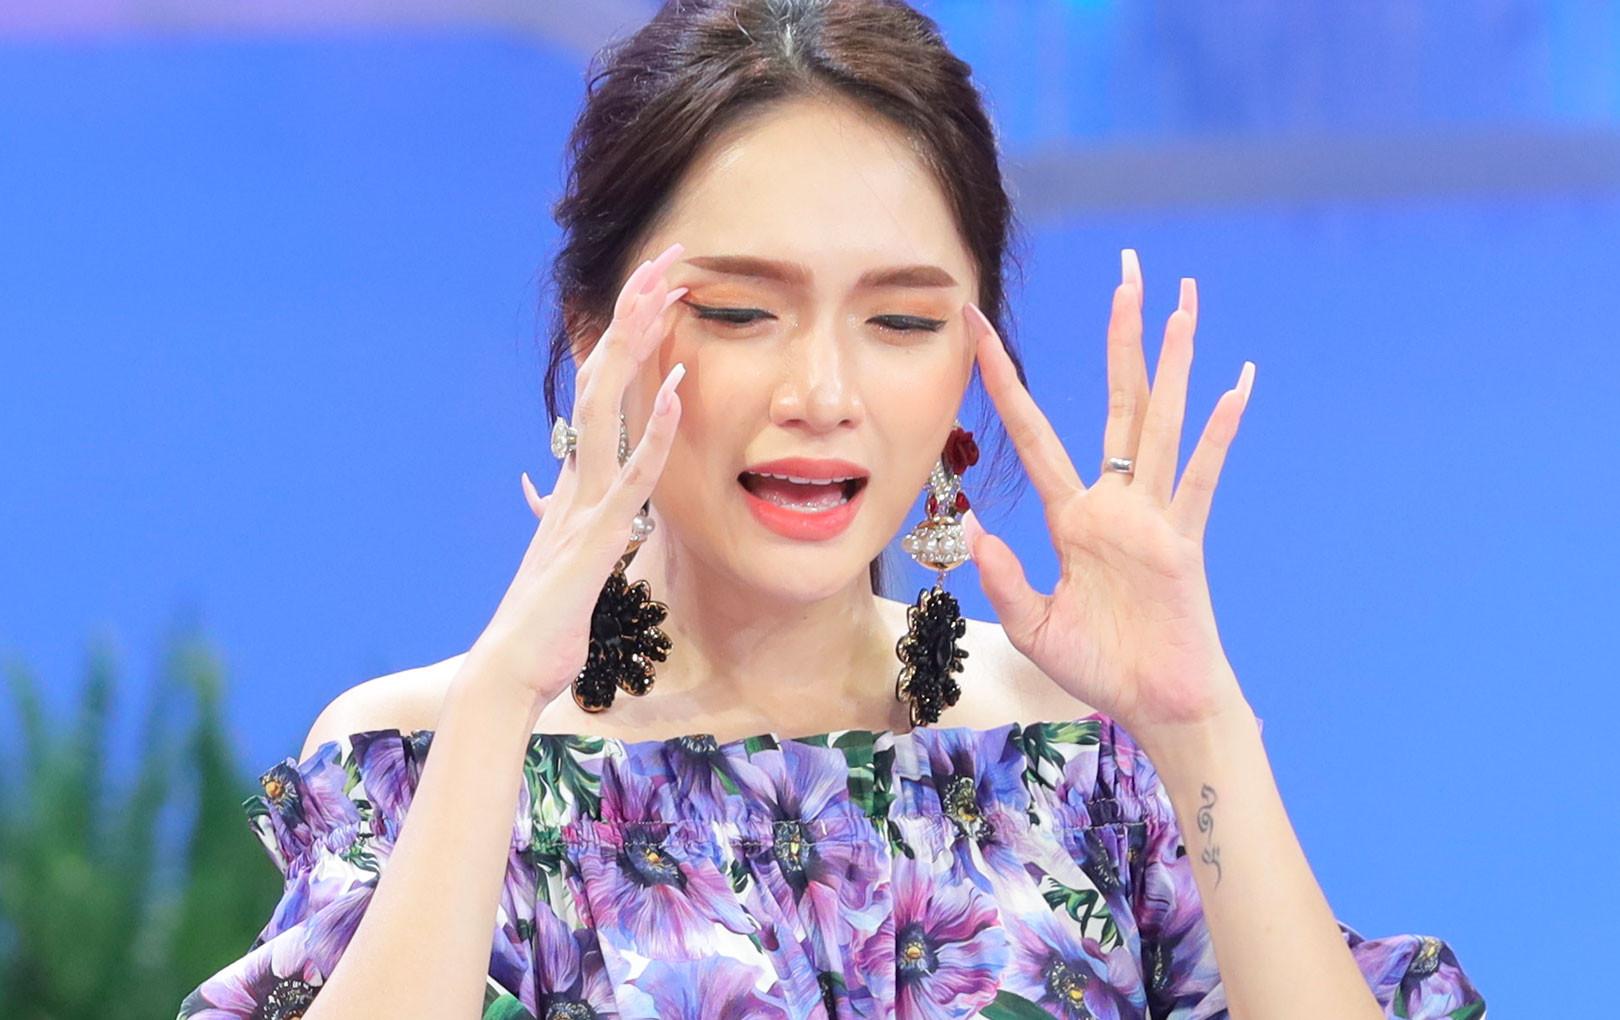 Hương Giang chia sẻ khoảng thời gian chat Yahoo với bạn trai, ngại ngùng mượn sự giúp đỡ của chị gái